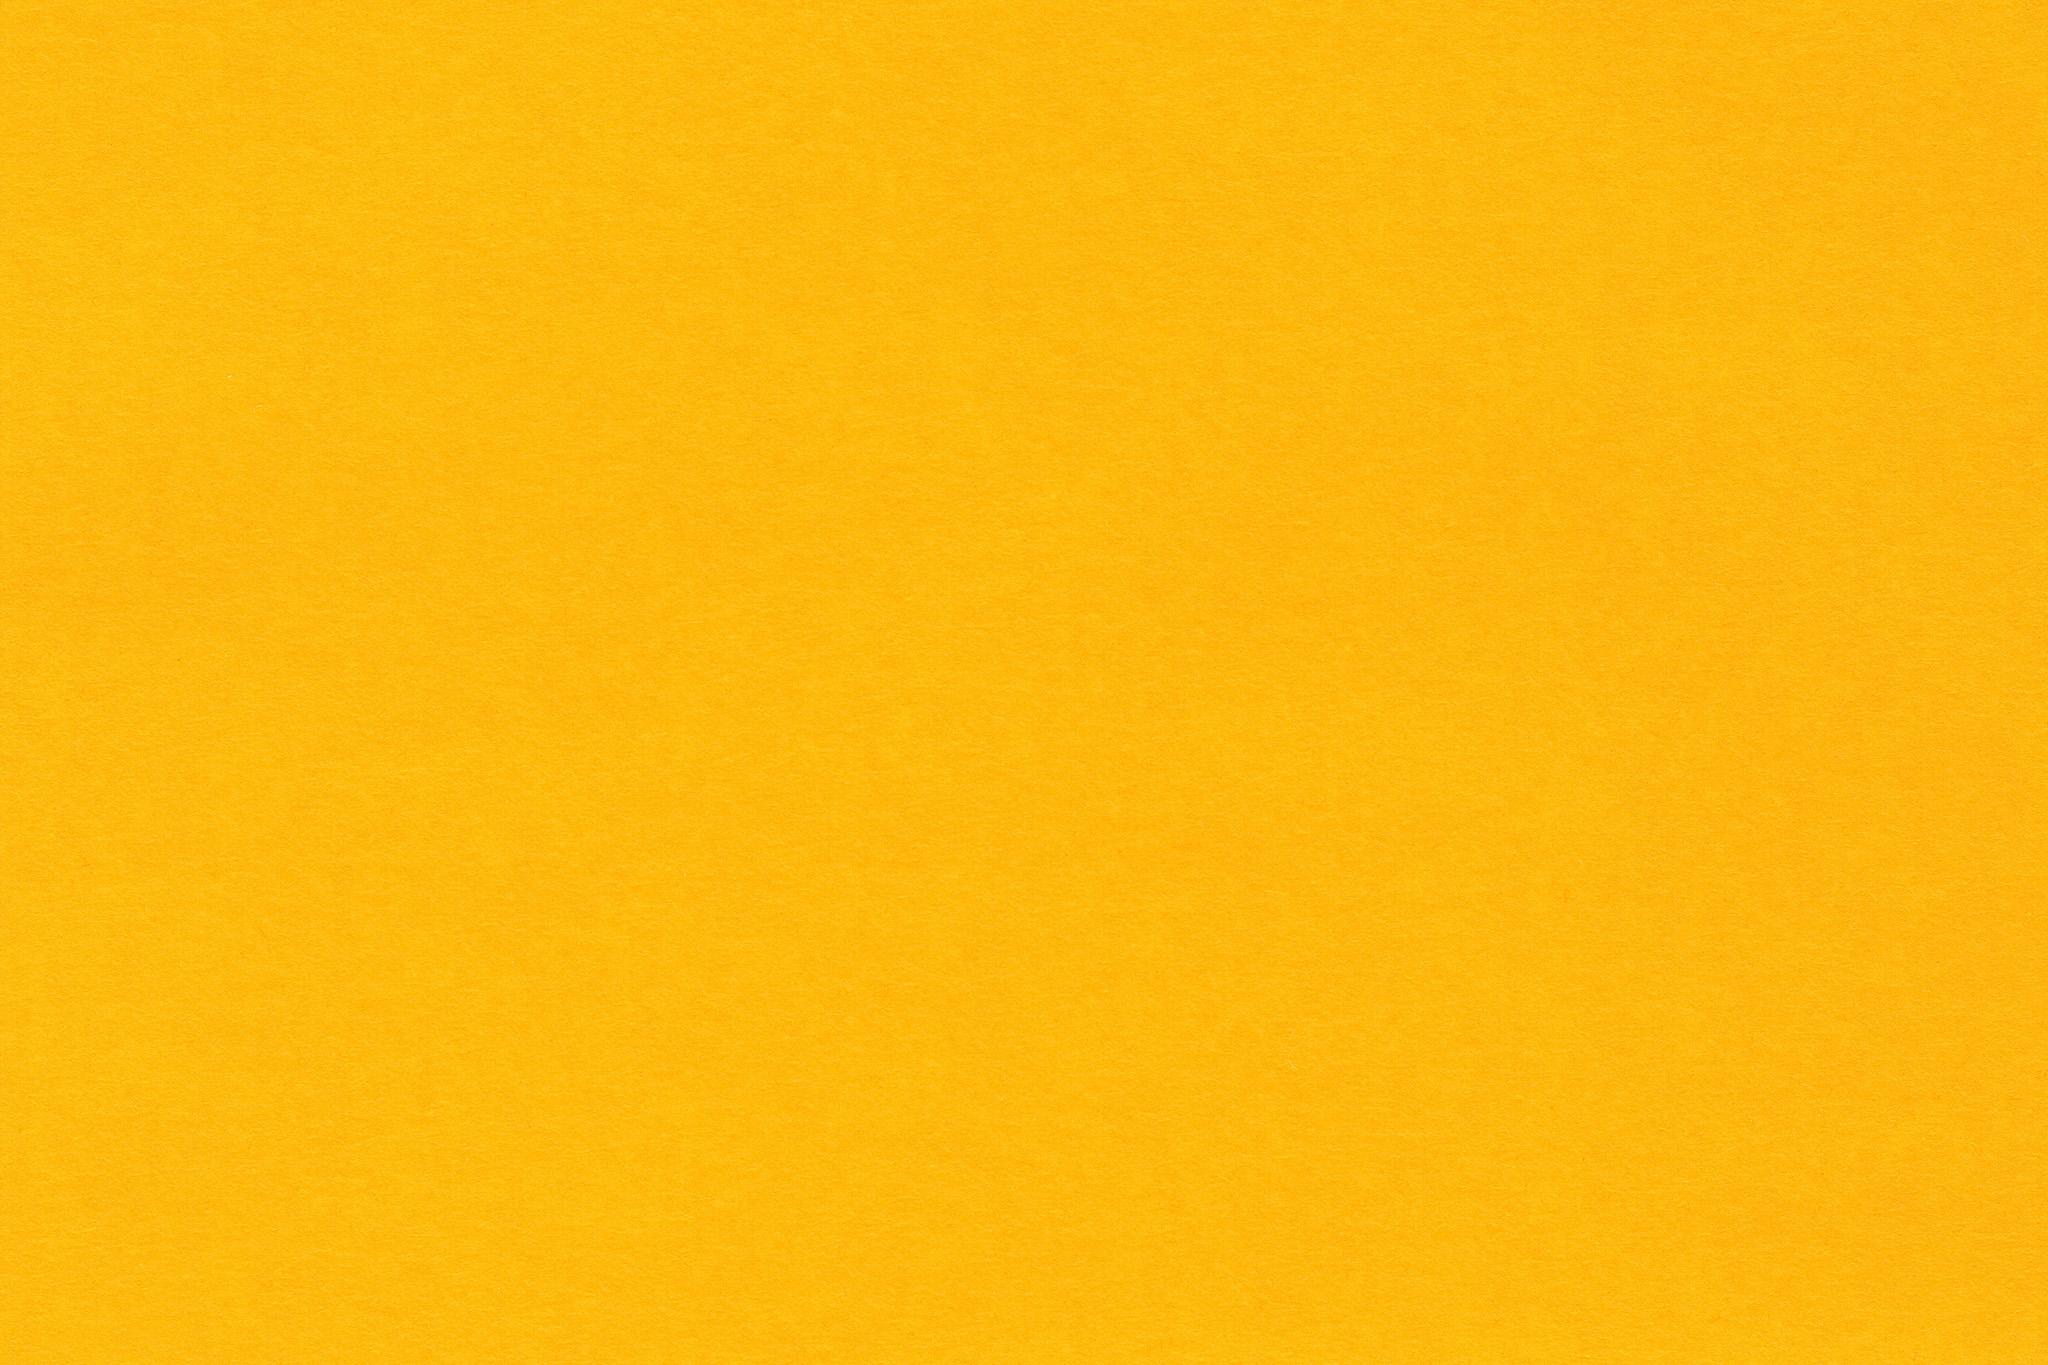 「暖かなイメージの山吹色の紙」